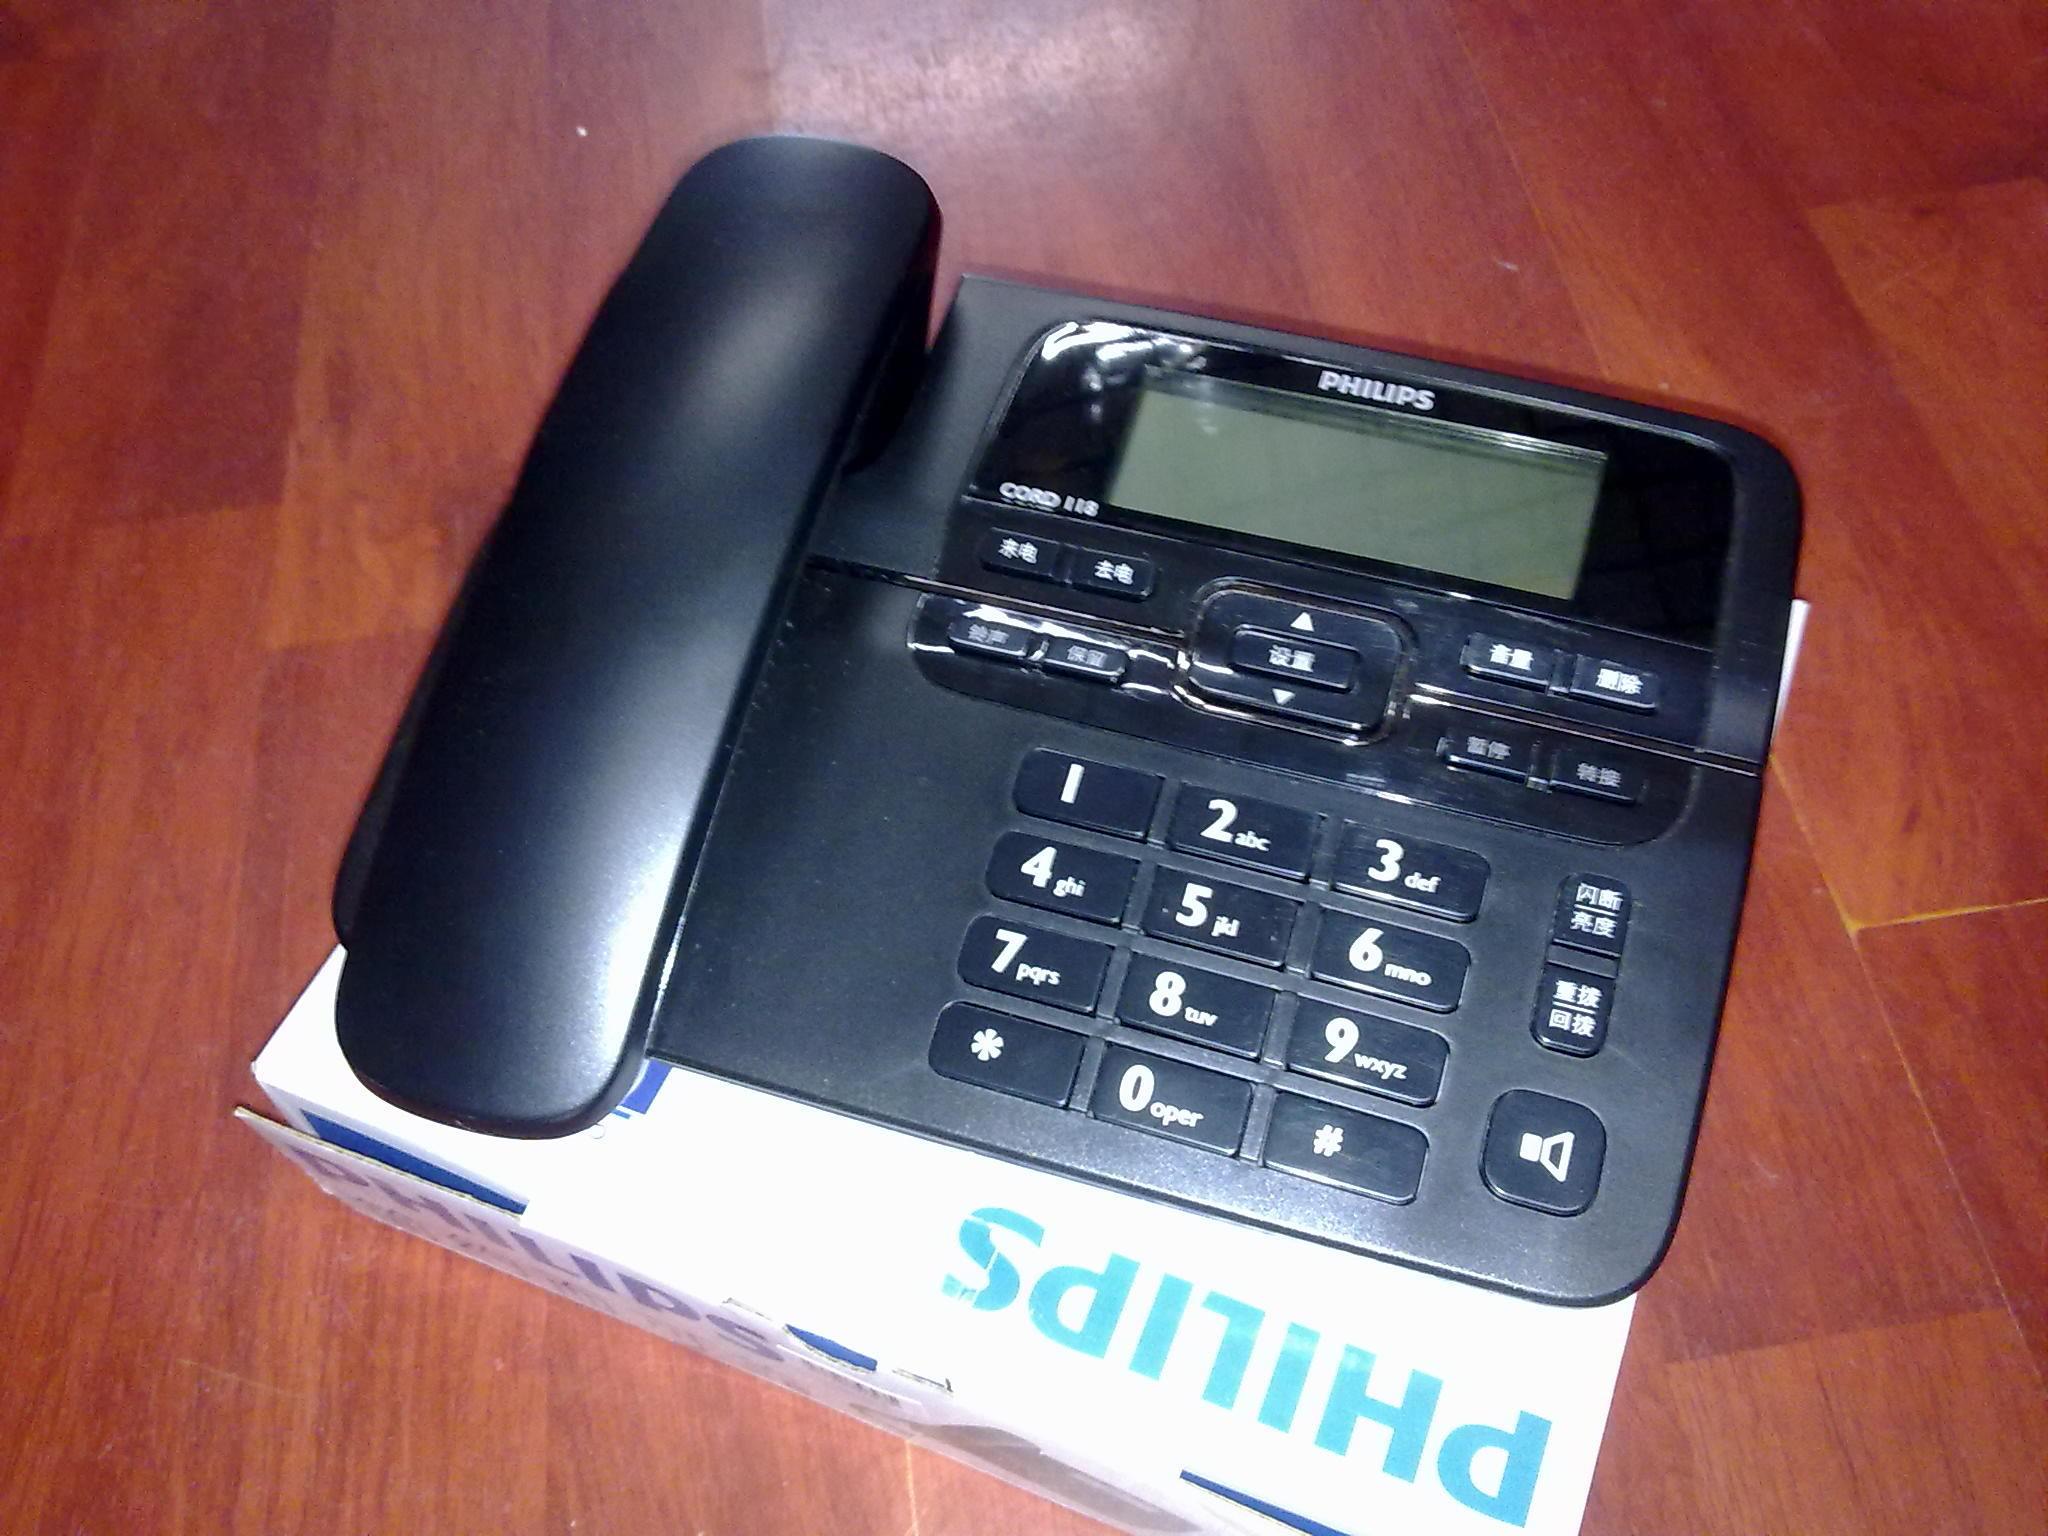 Проводной и DECT-телефон Philips 118 мобильный телефон philips e560 black